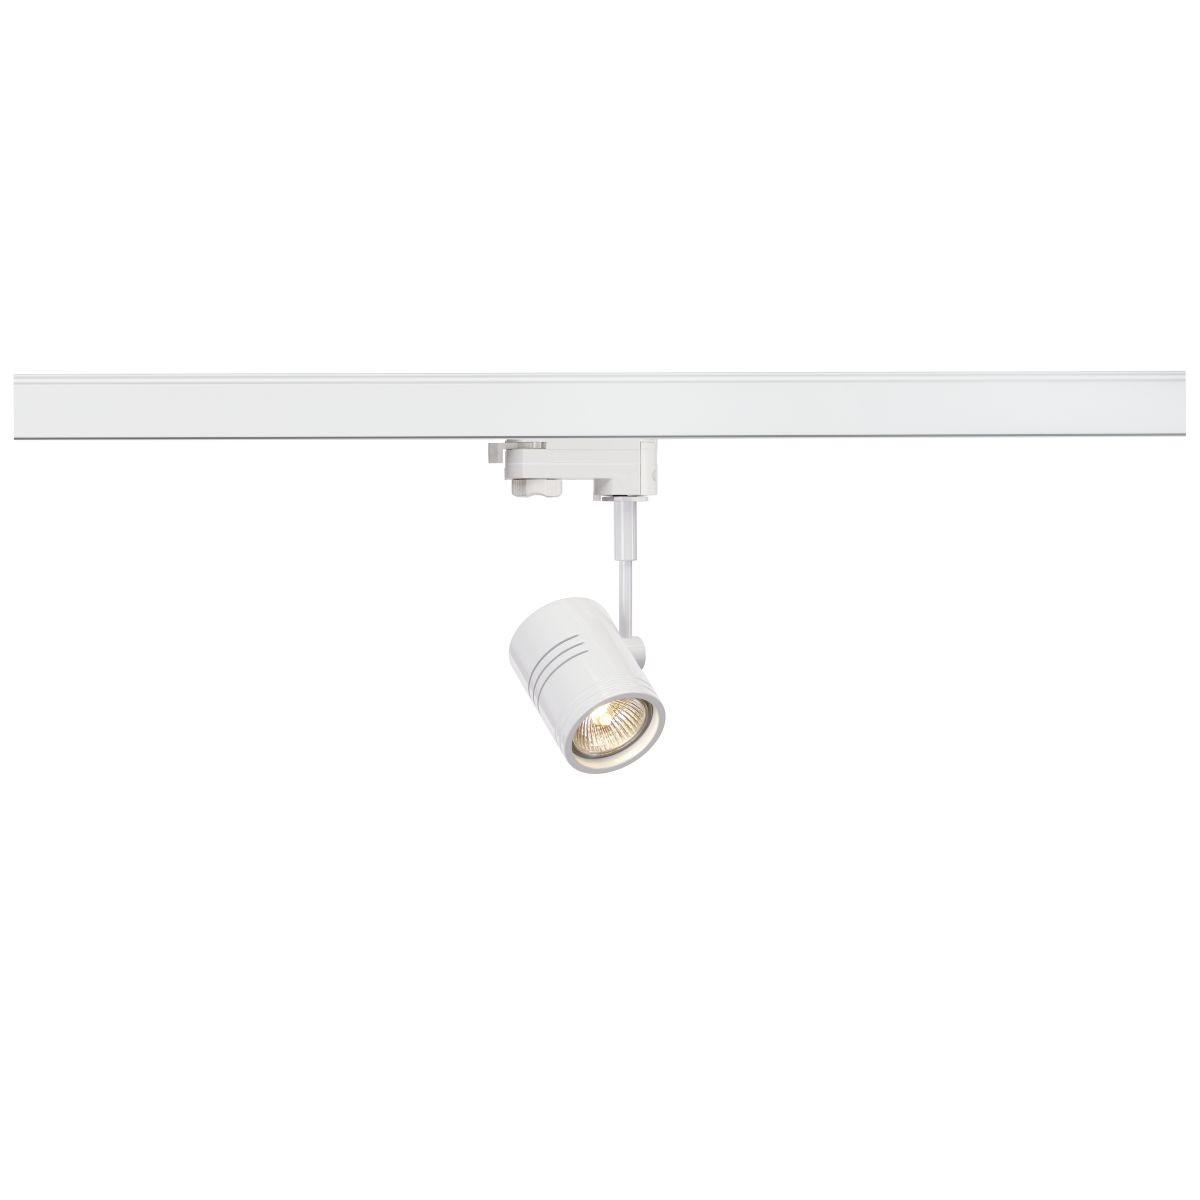 SPOTLINE/SLV BIMA I. Biały mat. GU10. max. 50W. wraz z adapterem 3-fazowym 152241 Reflektor